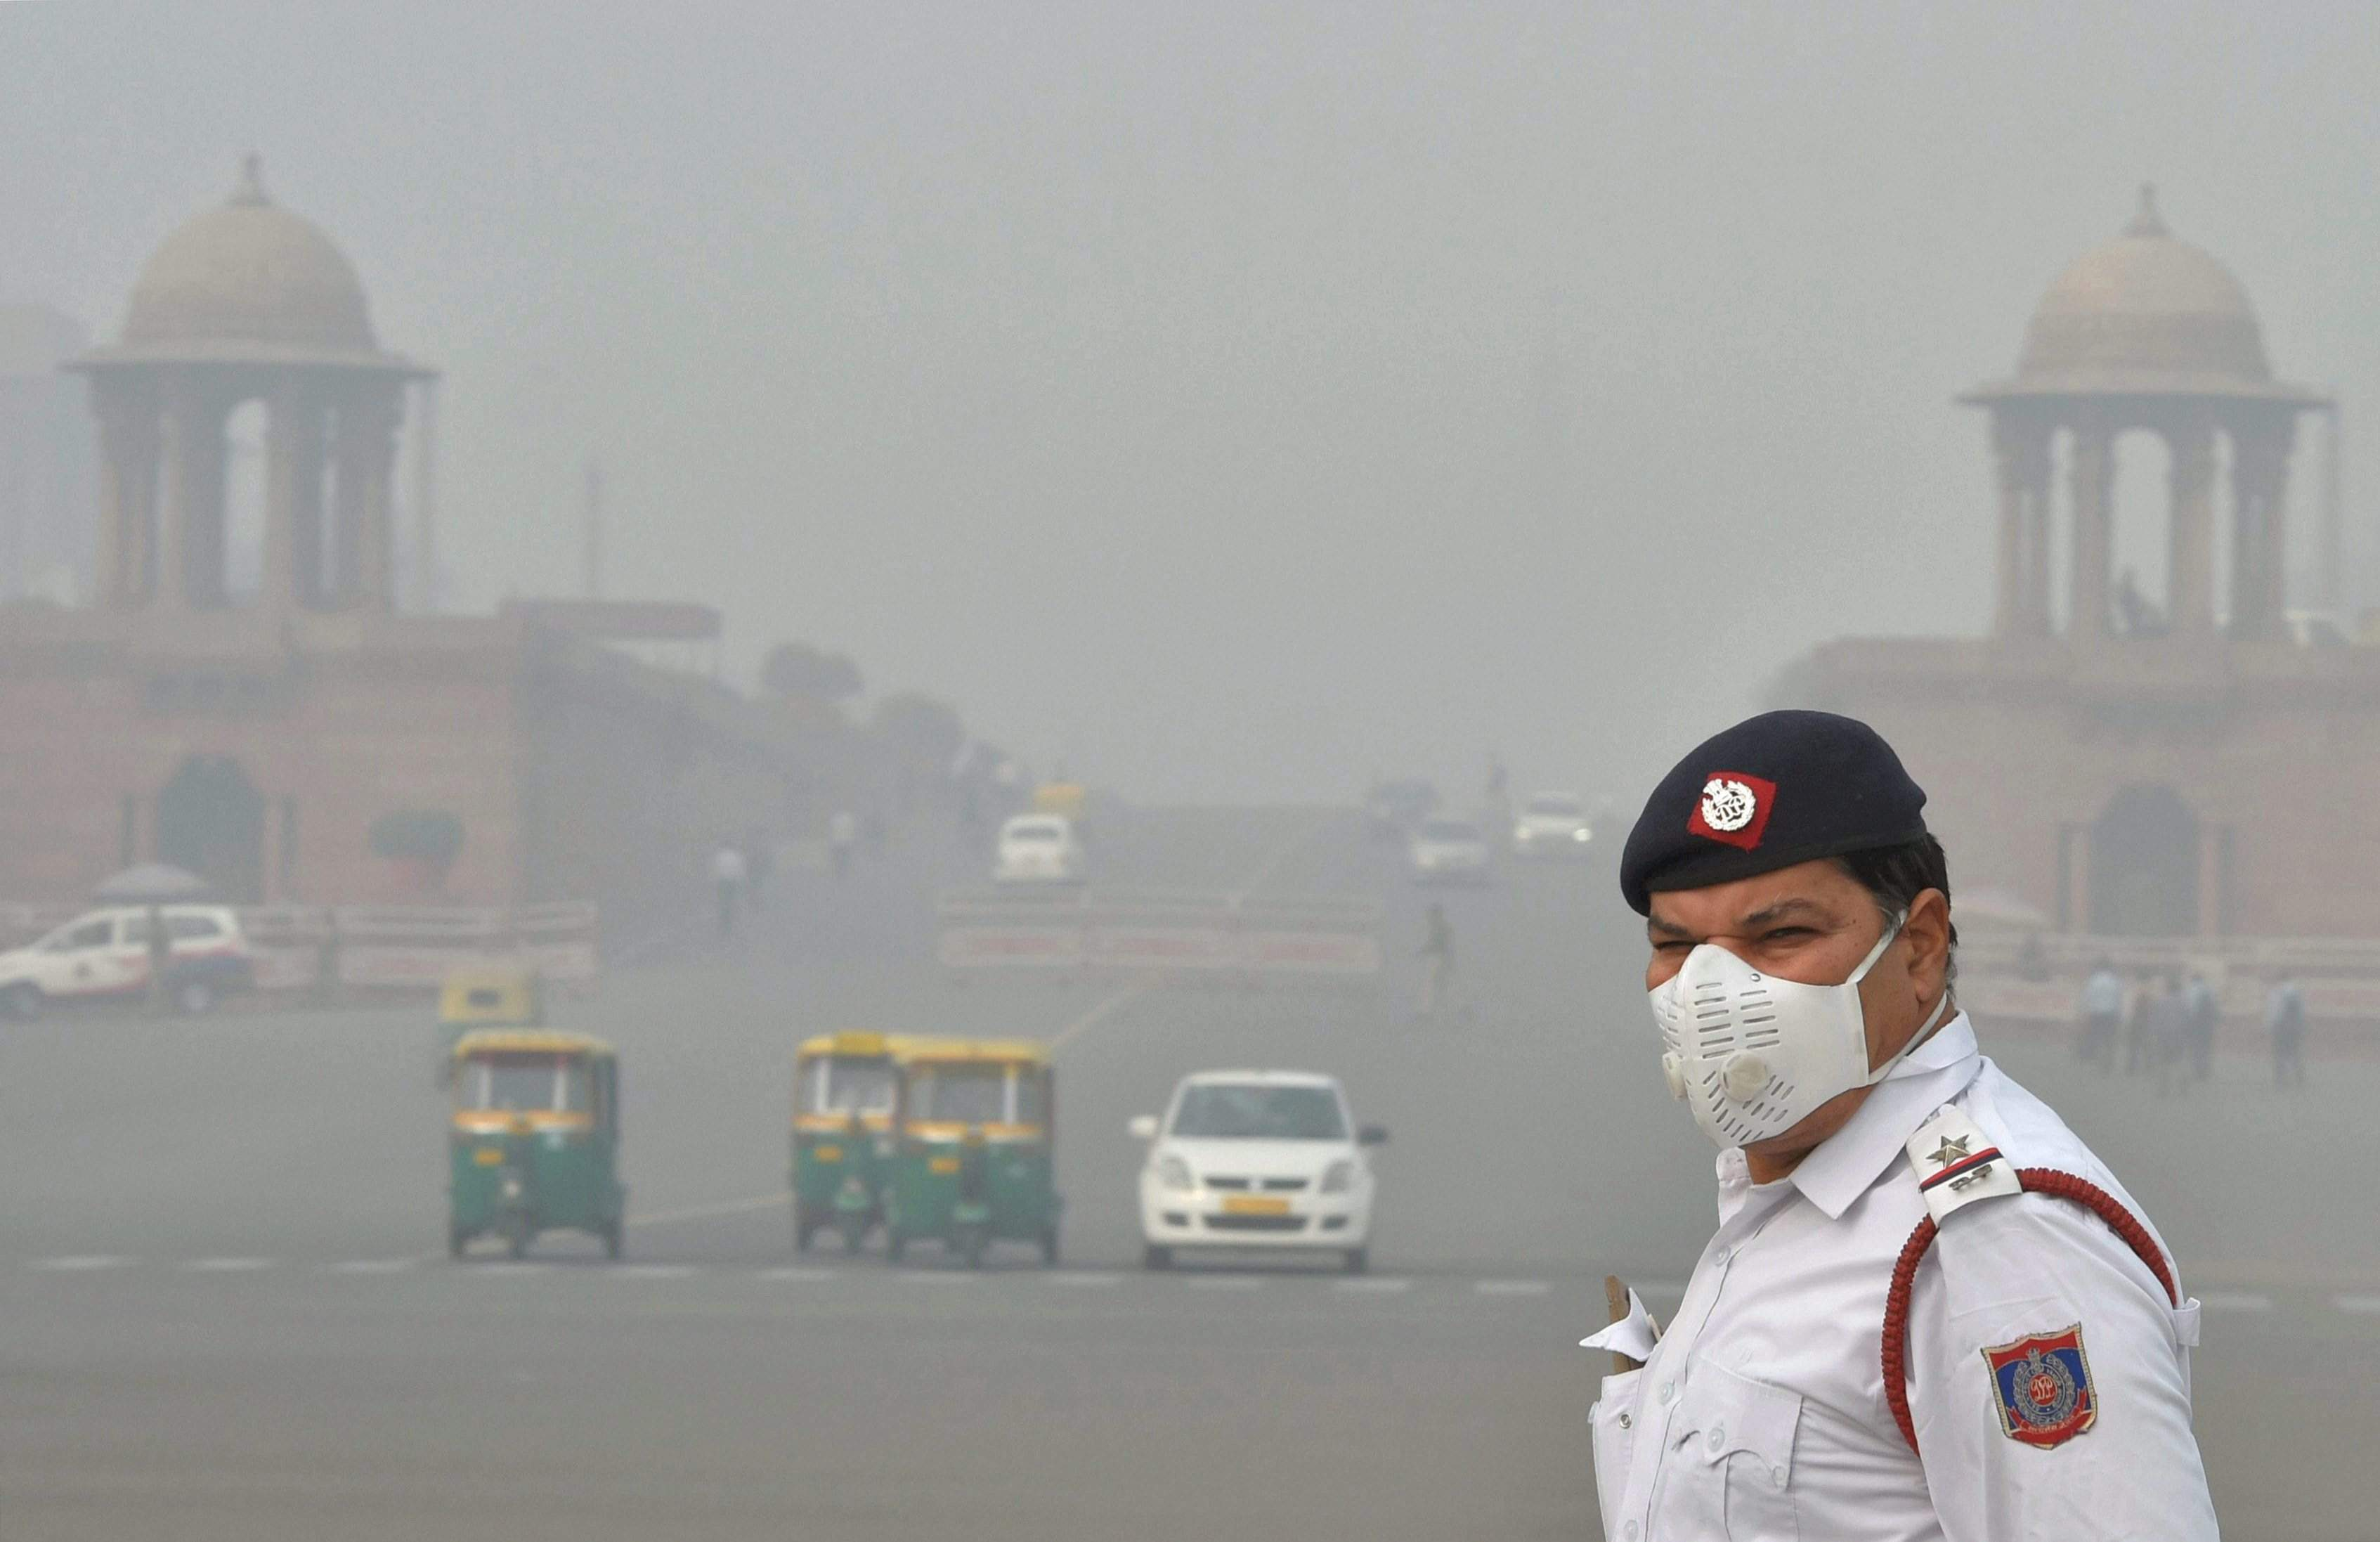 Nel mondo 9 persone su 10 respirano smog